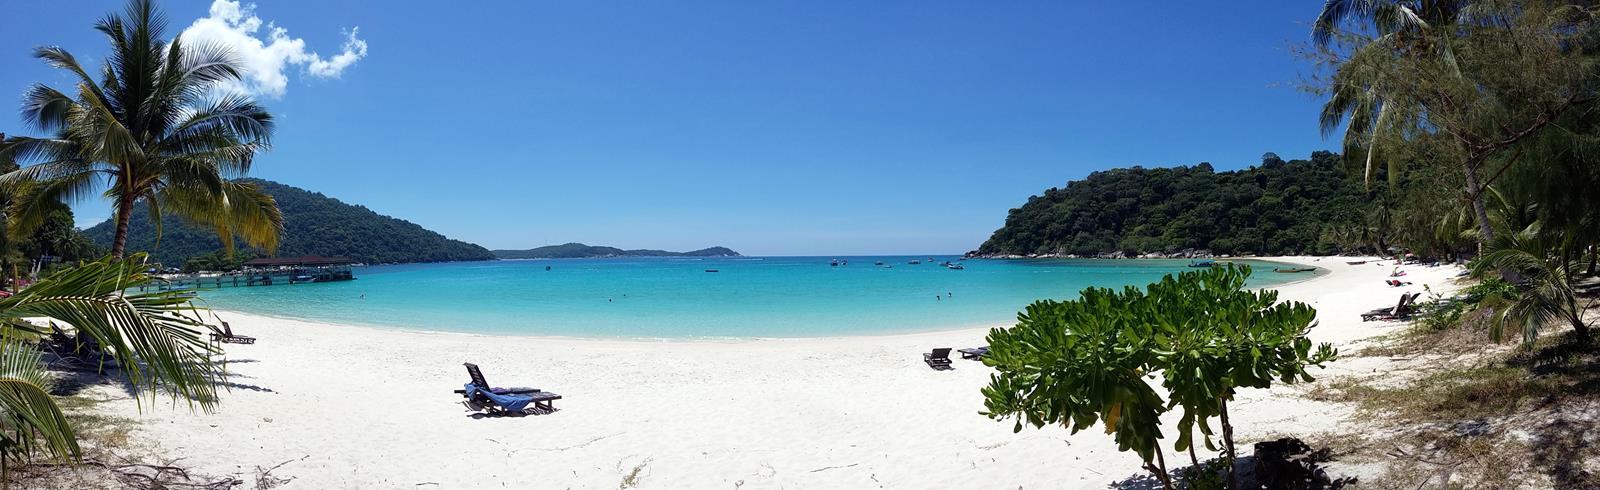 Spiaggia del PIR